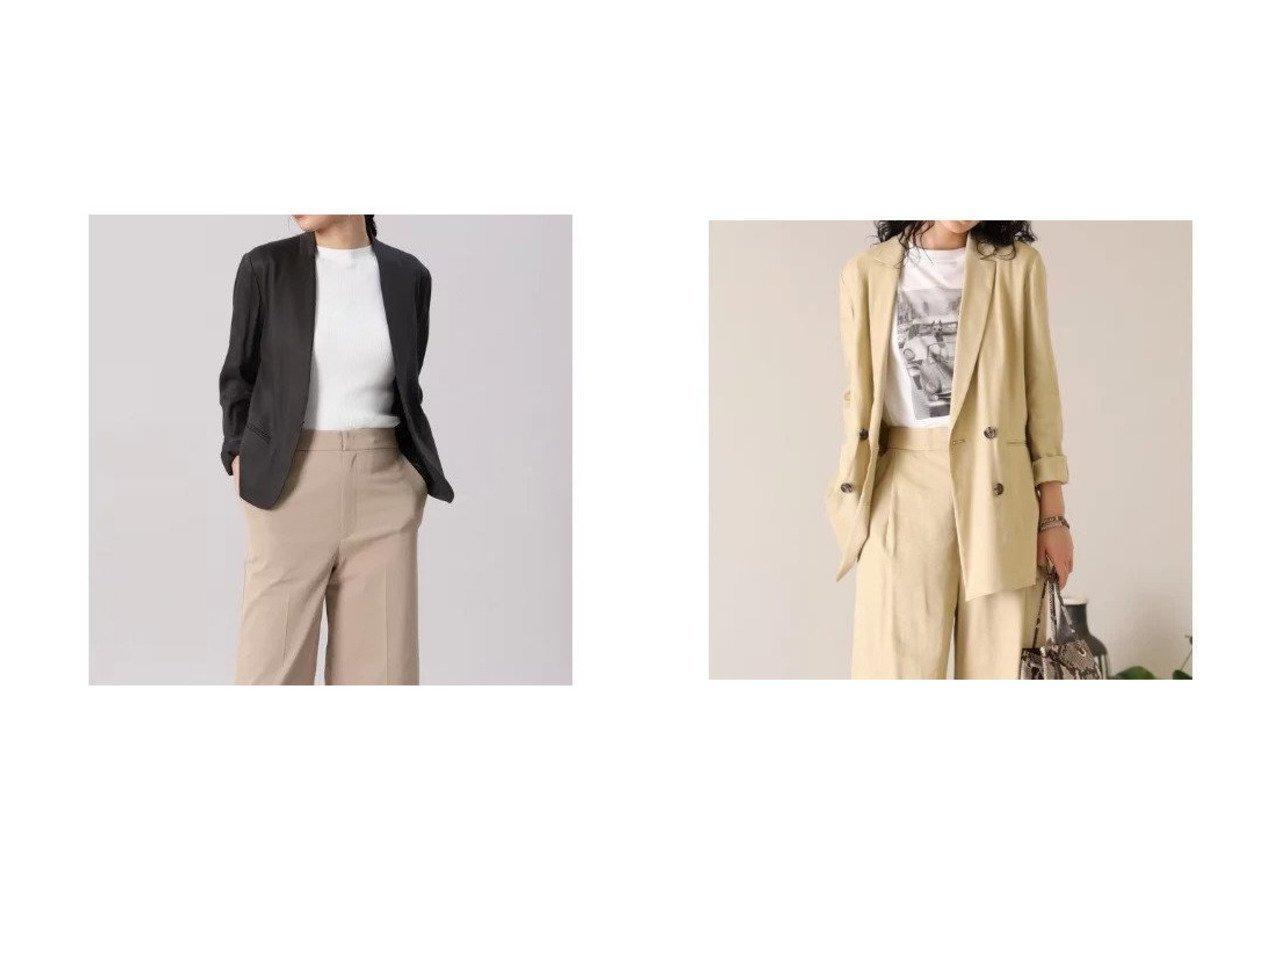 【INED/イネド】のダブルブレストジャケット《PONTETORTO》&カラーレスジャケット《PONTETORTO》 【アウター】おすすめ!人気、トレンド・レディースファッションの通販 おすすめで人気の流行・トレンド、ファッションの通販商品 メンズファッション・キッズファッション・インテリア・家具・レディースファッション・服の通販 founy(ファニー) https://founy.com/ ファッション Fashion レディースファッション WOMEN アウター Coat Outerwear ジャケット Jackets おすすめ Recommend イタリア ウォーター カーディガン ショート ポケット モダン ワイド クラシカル ジャケット ストレッチ セットアップ ダブル バランス リラックス  ID:crp329100000035528